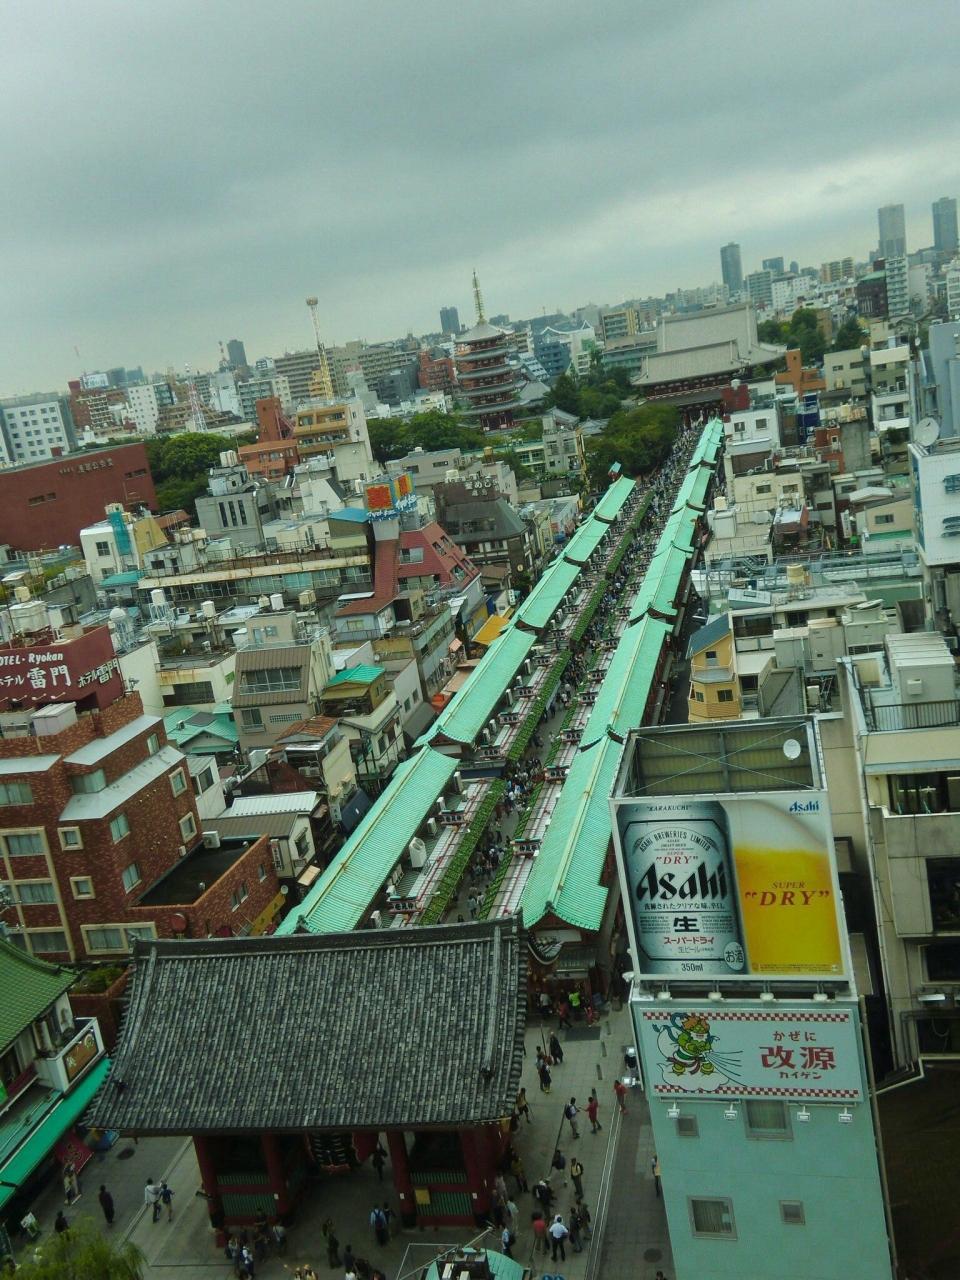 『夏休み最終日の下町散歩』浅草(東京)の旅行記・ブログ by white ...